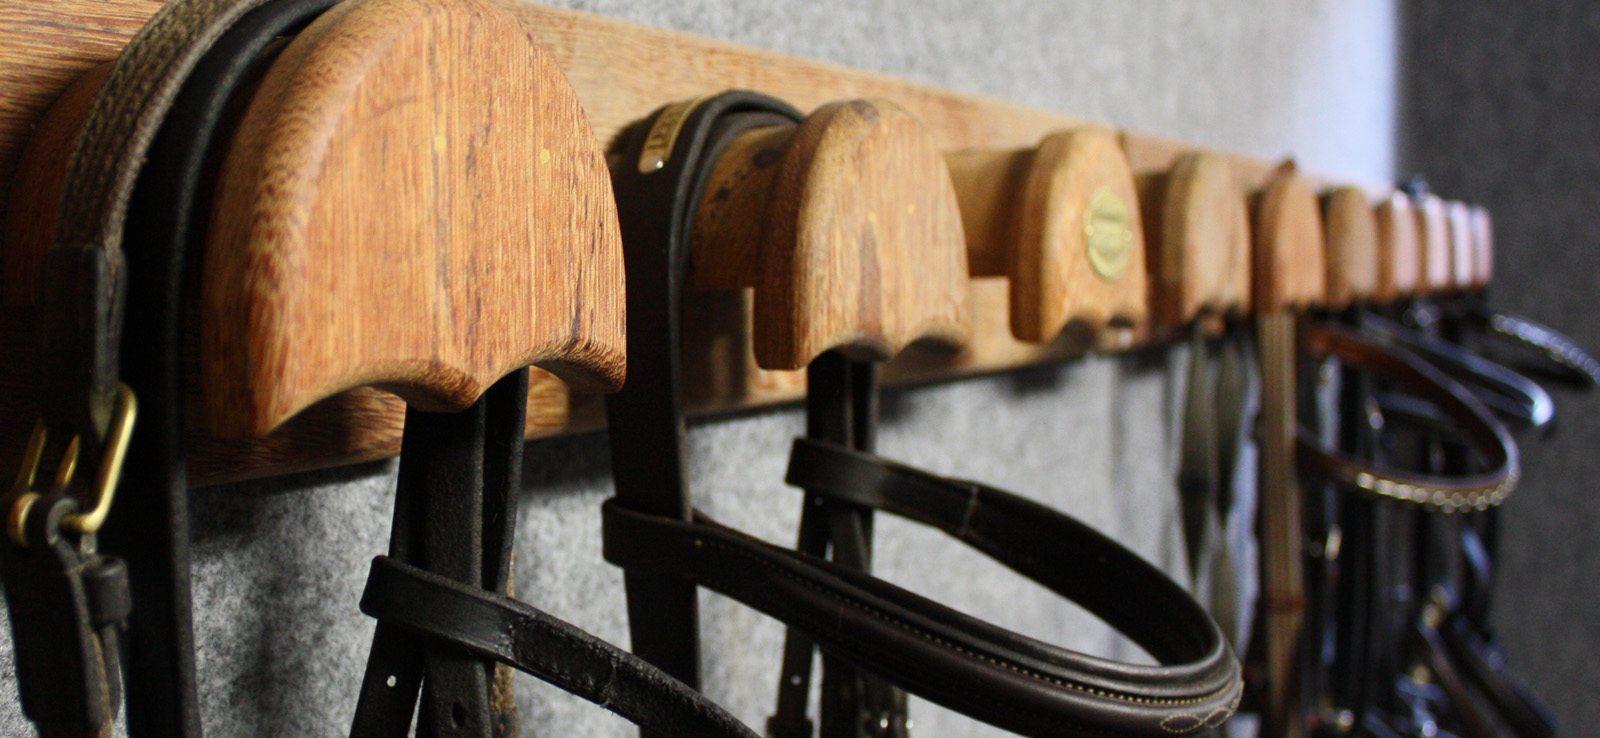 halster hanger paarden